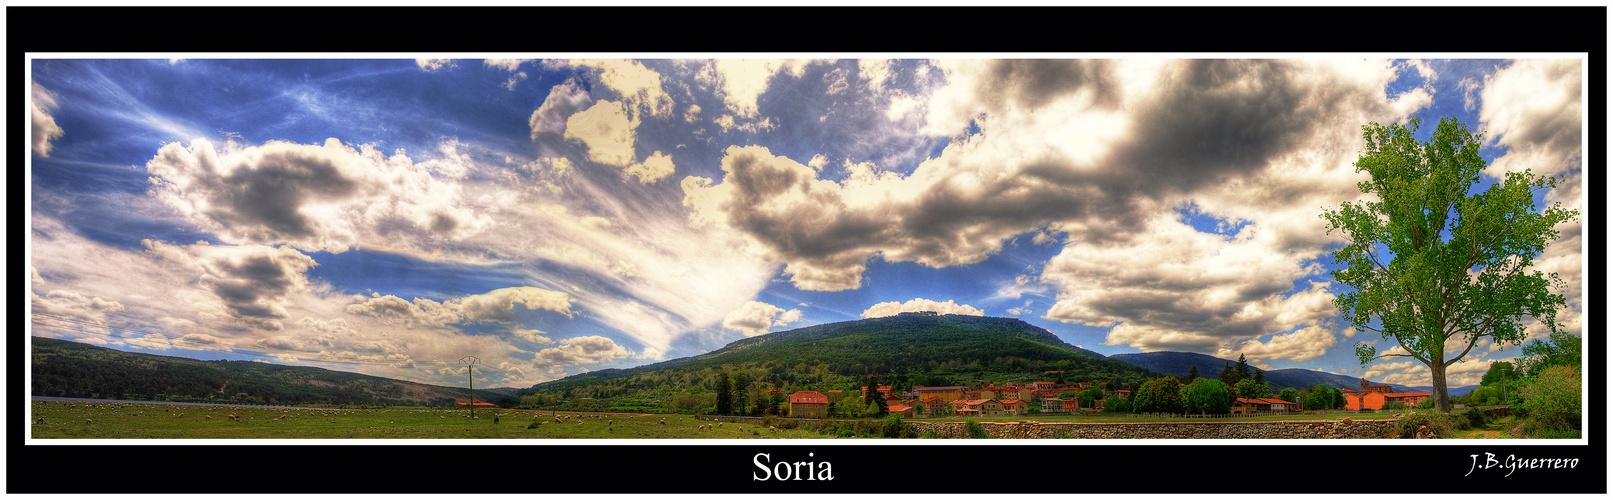 Soria España